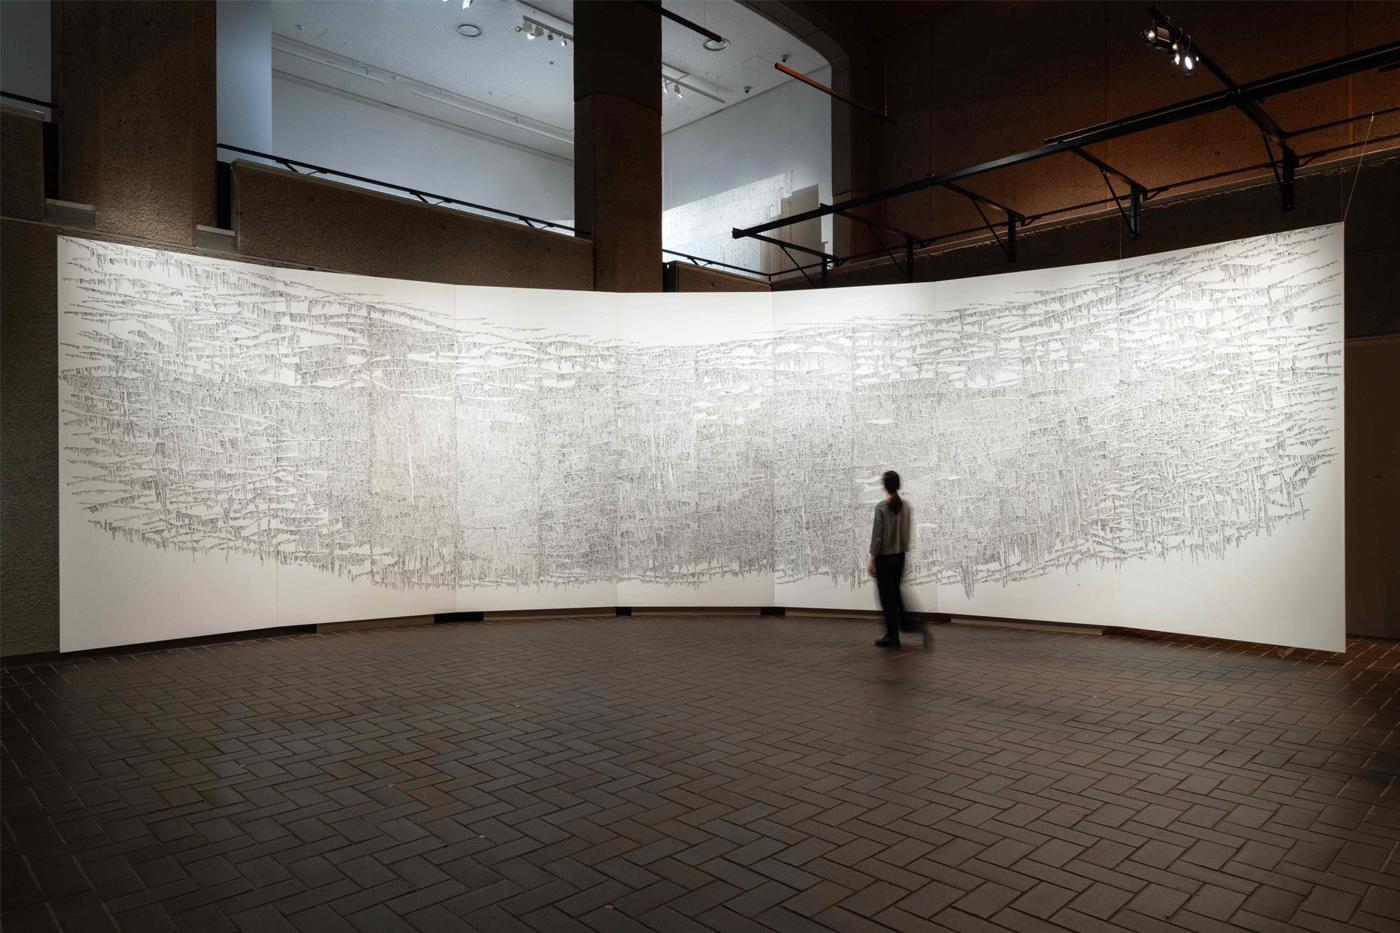 LACMAコレクション:現代書家・千葉蒼玄の2作品が米国で最大級かつ国際的な名声を博する美術館 LACMA のコレクションに加わりました。